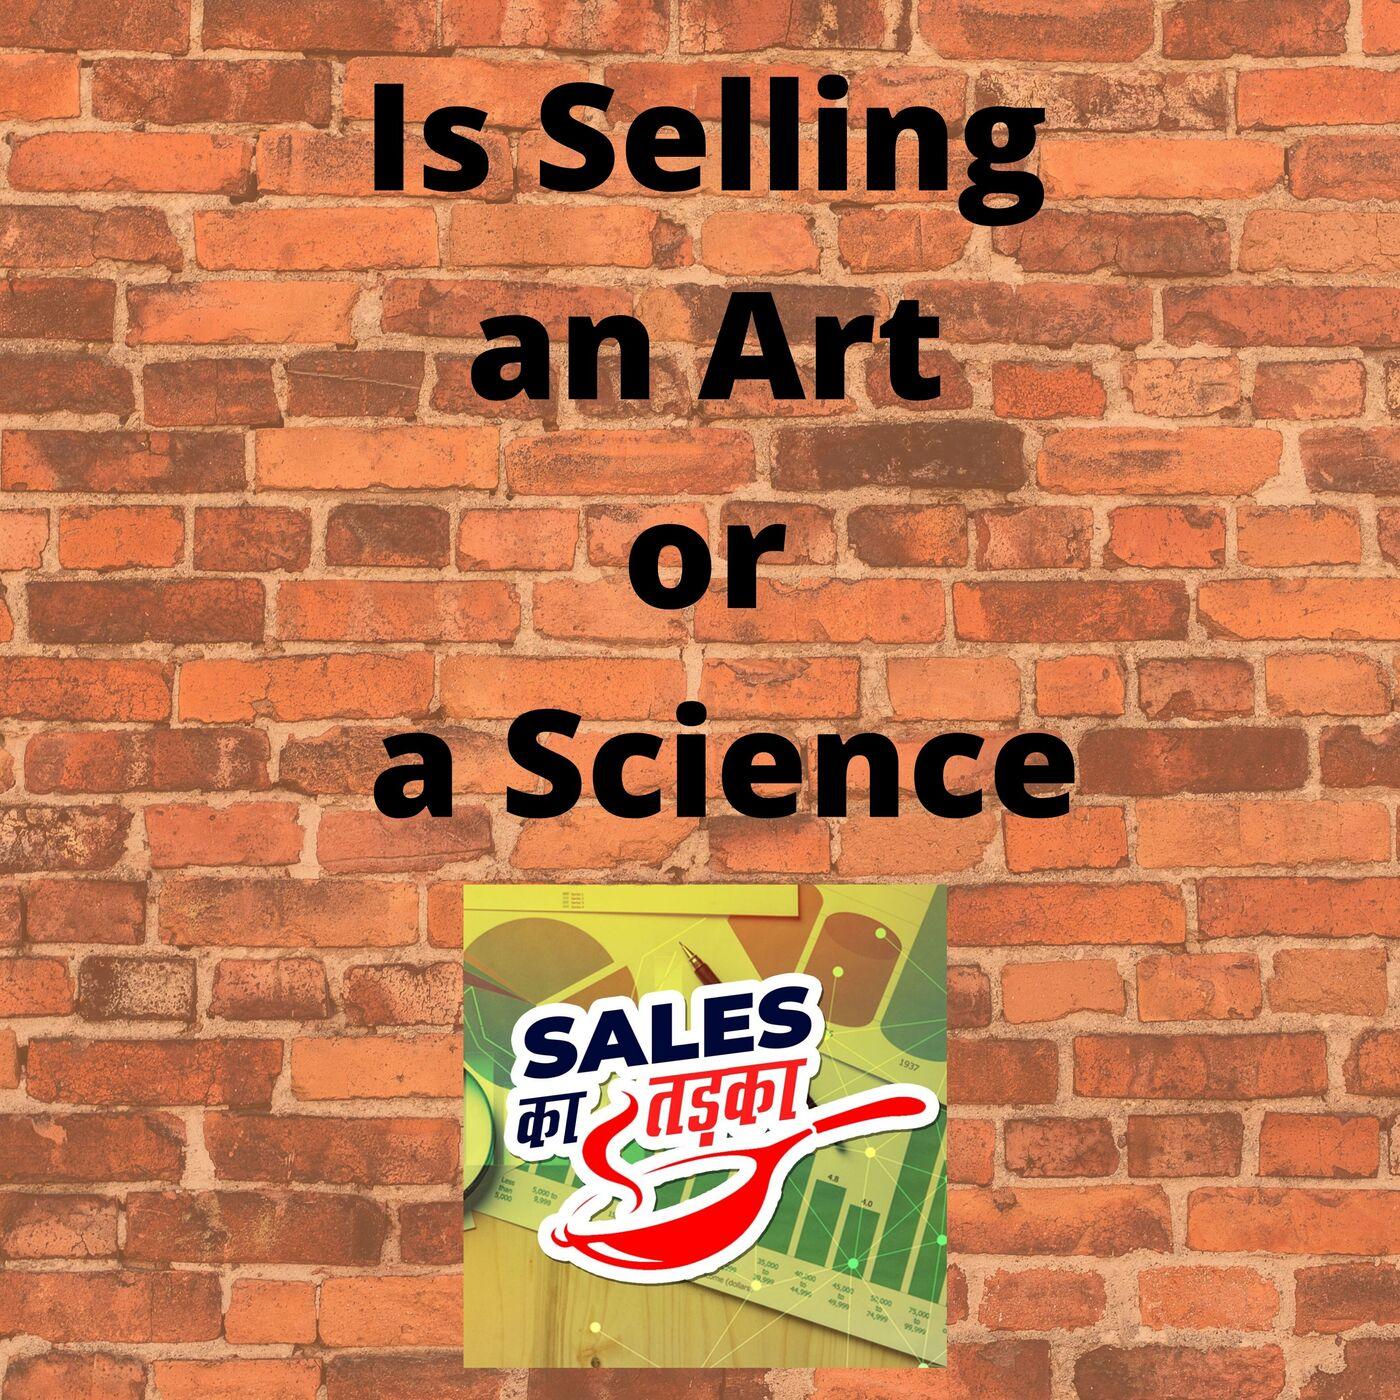 बिक्री, एक कला है या विज्ञान है? Is sales an Art or science?